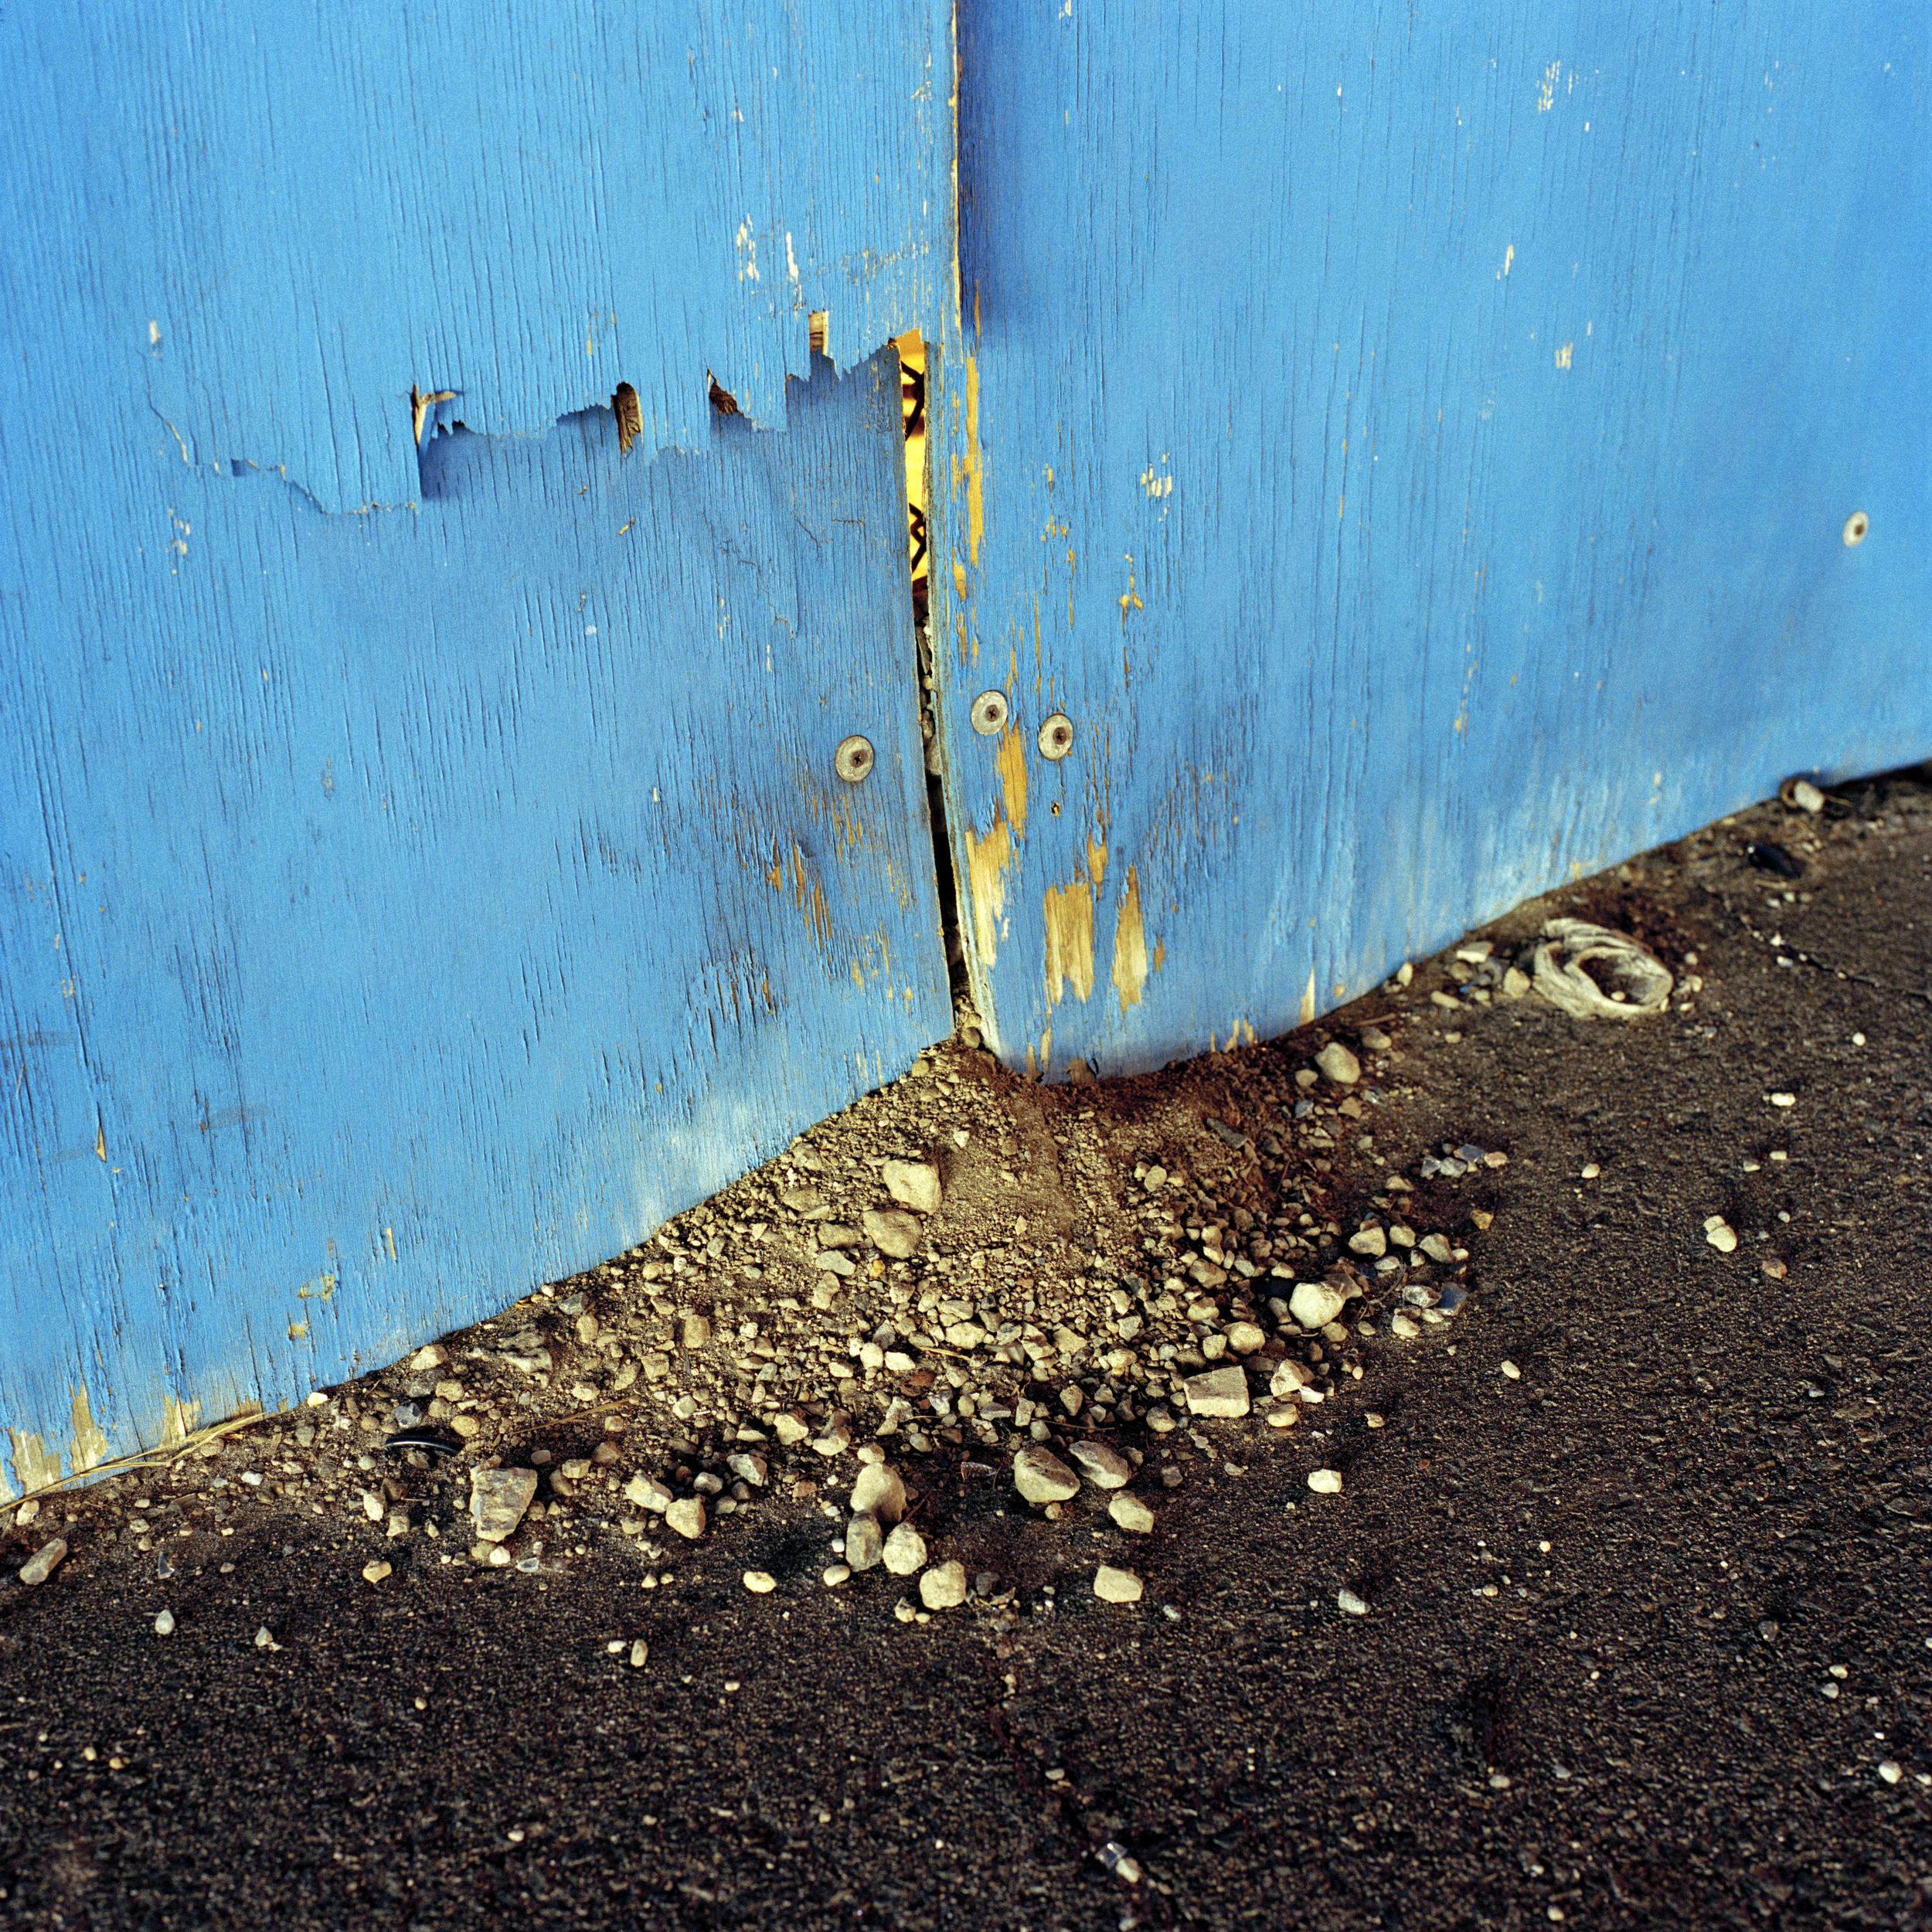 Gowanus_Wild_Debris_Apron.jpg